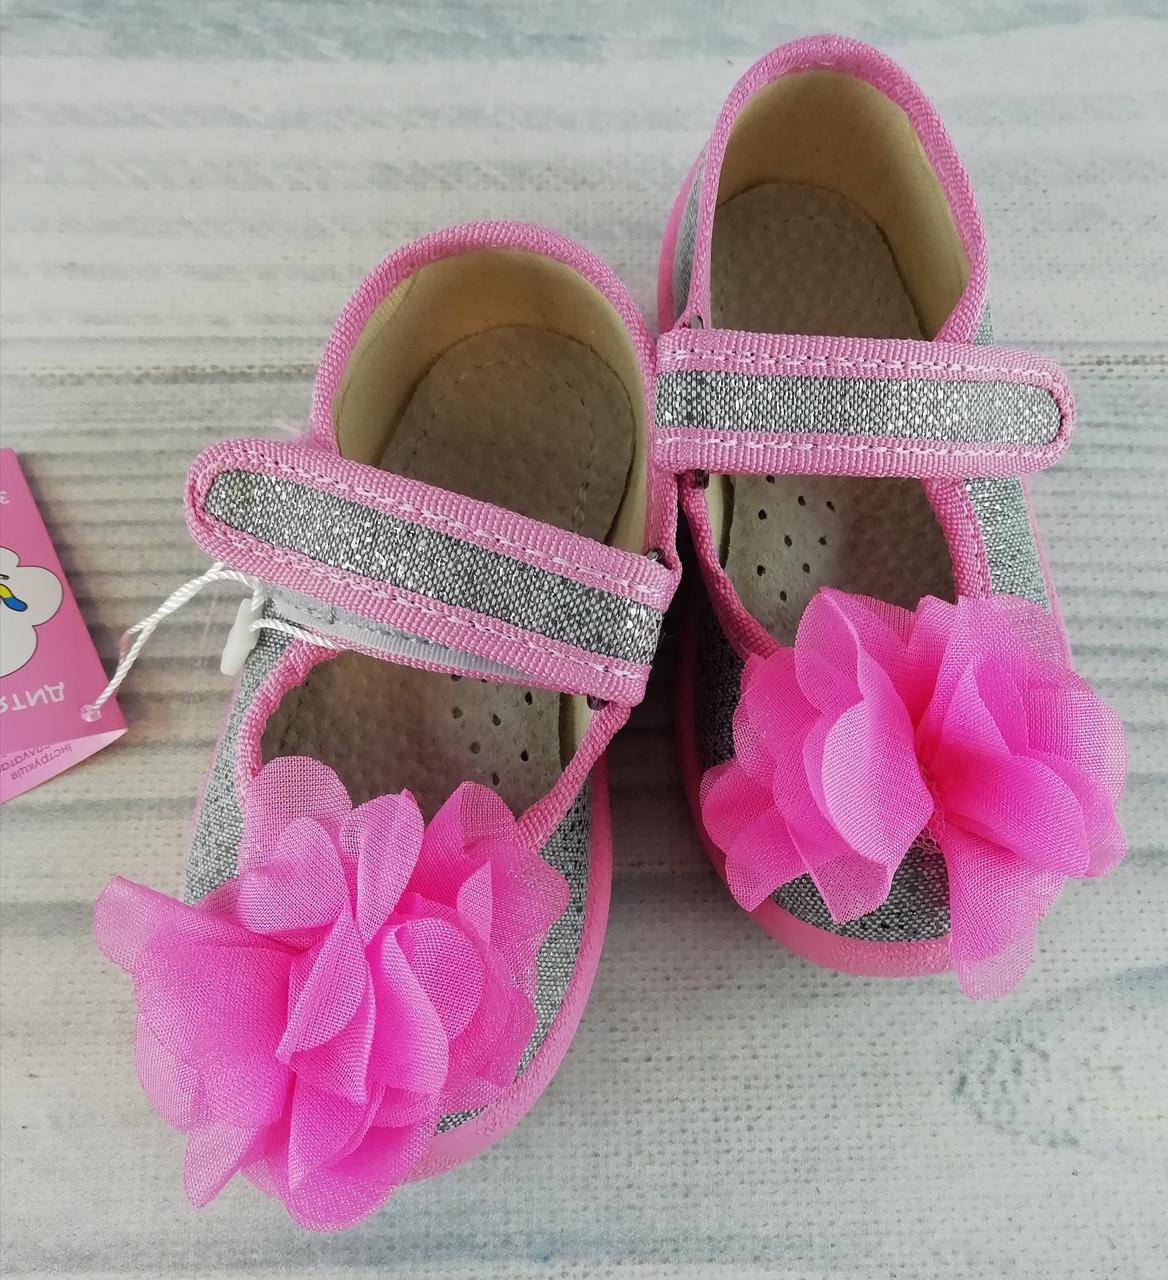 8664570f2 Текстильная обувь для девочек Катя. Розовый Цветок. Серебристый Waldi  Украина - интернет-магазин